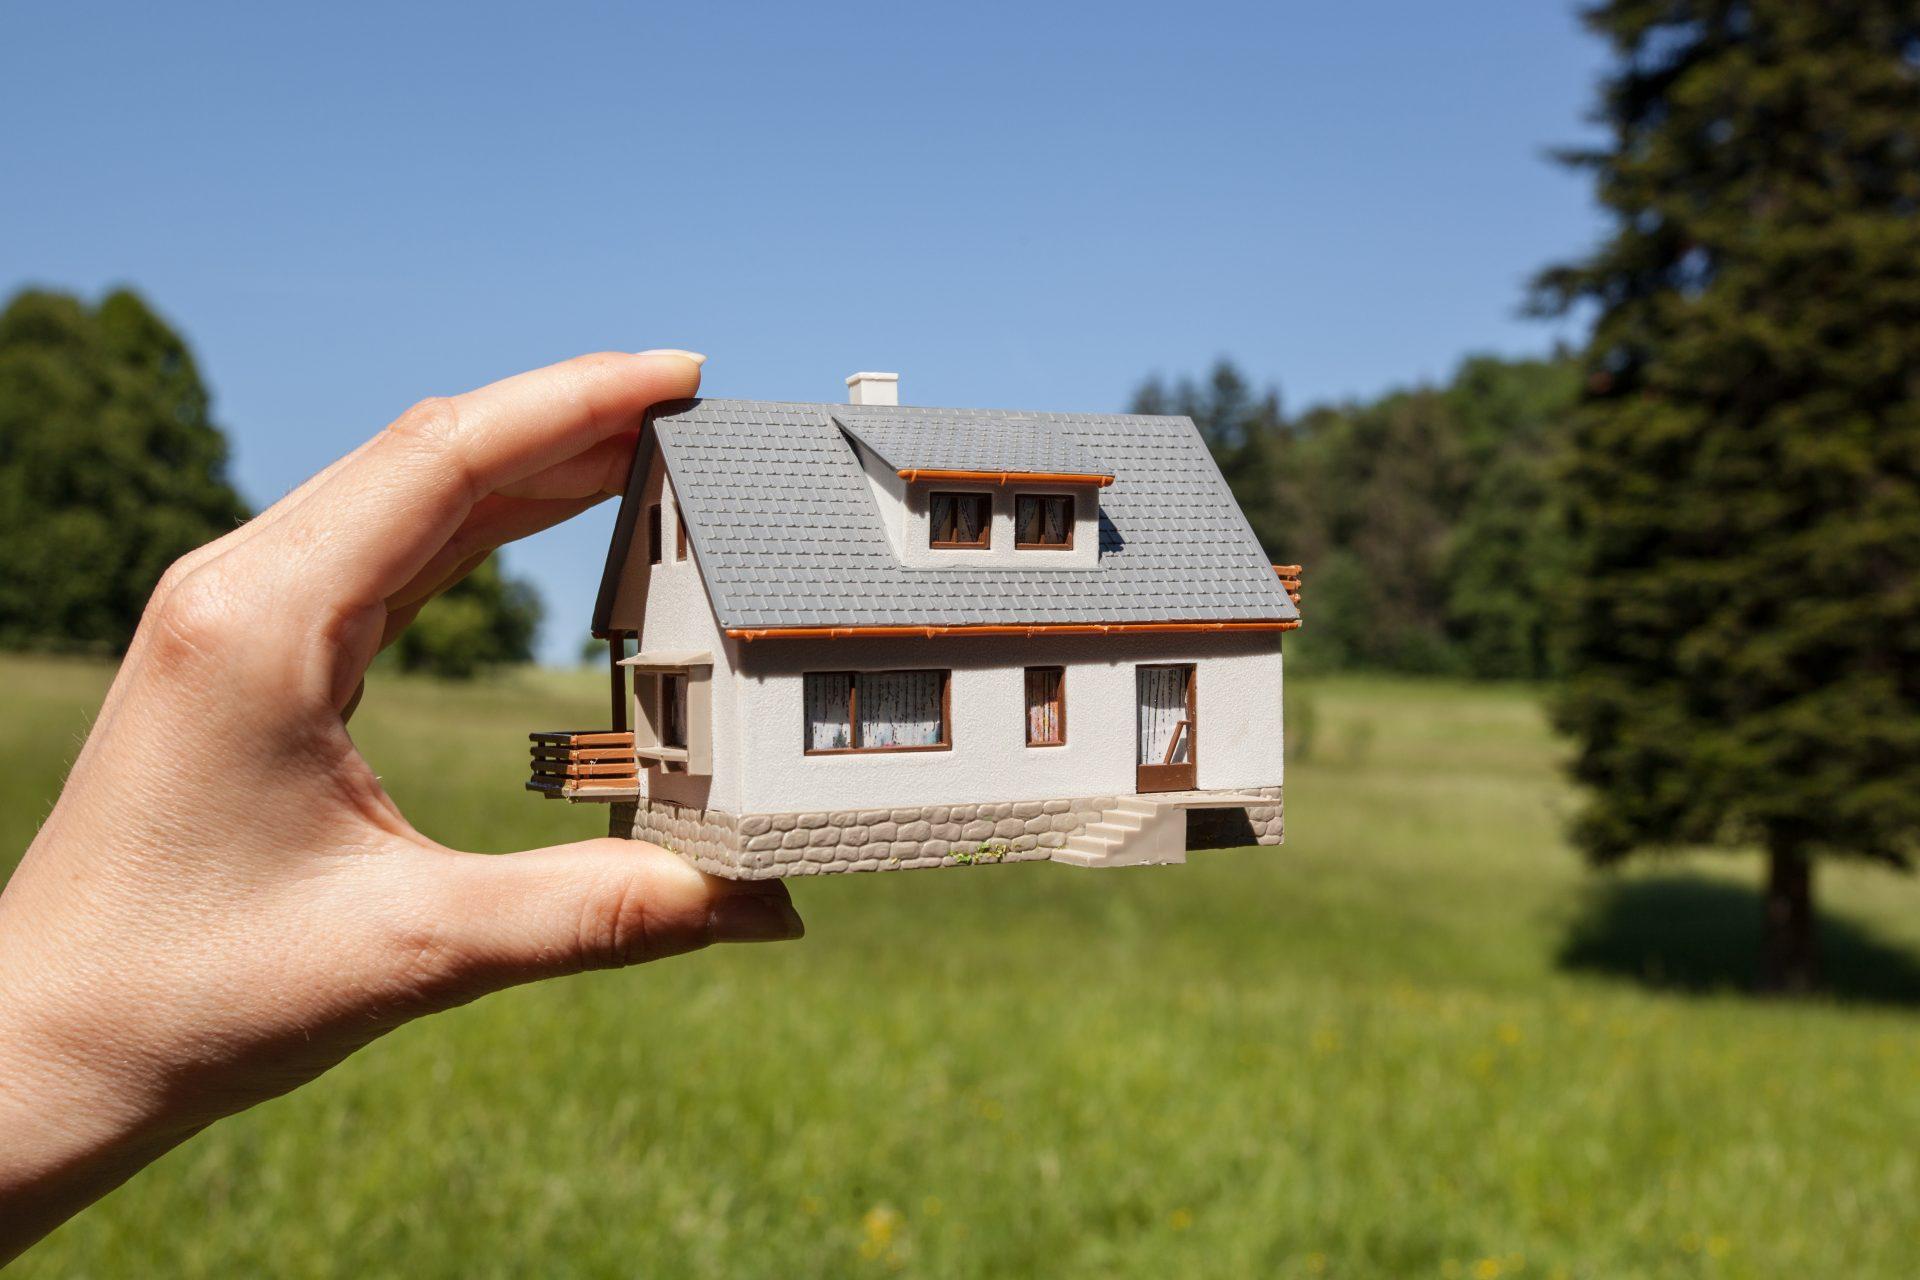 Stavba domu krok za krokom – 1. časť